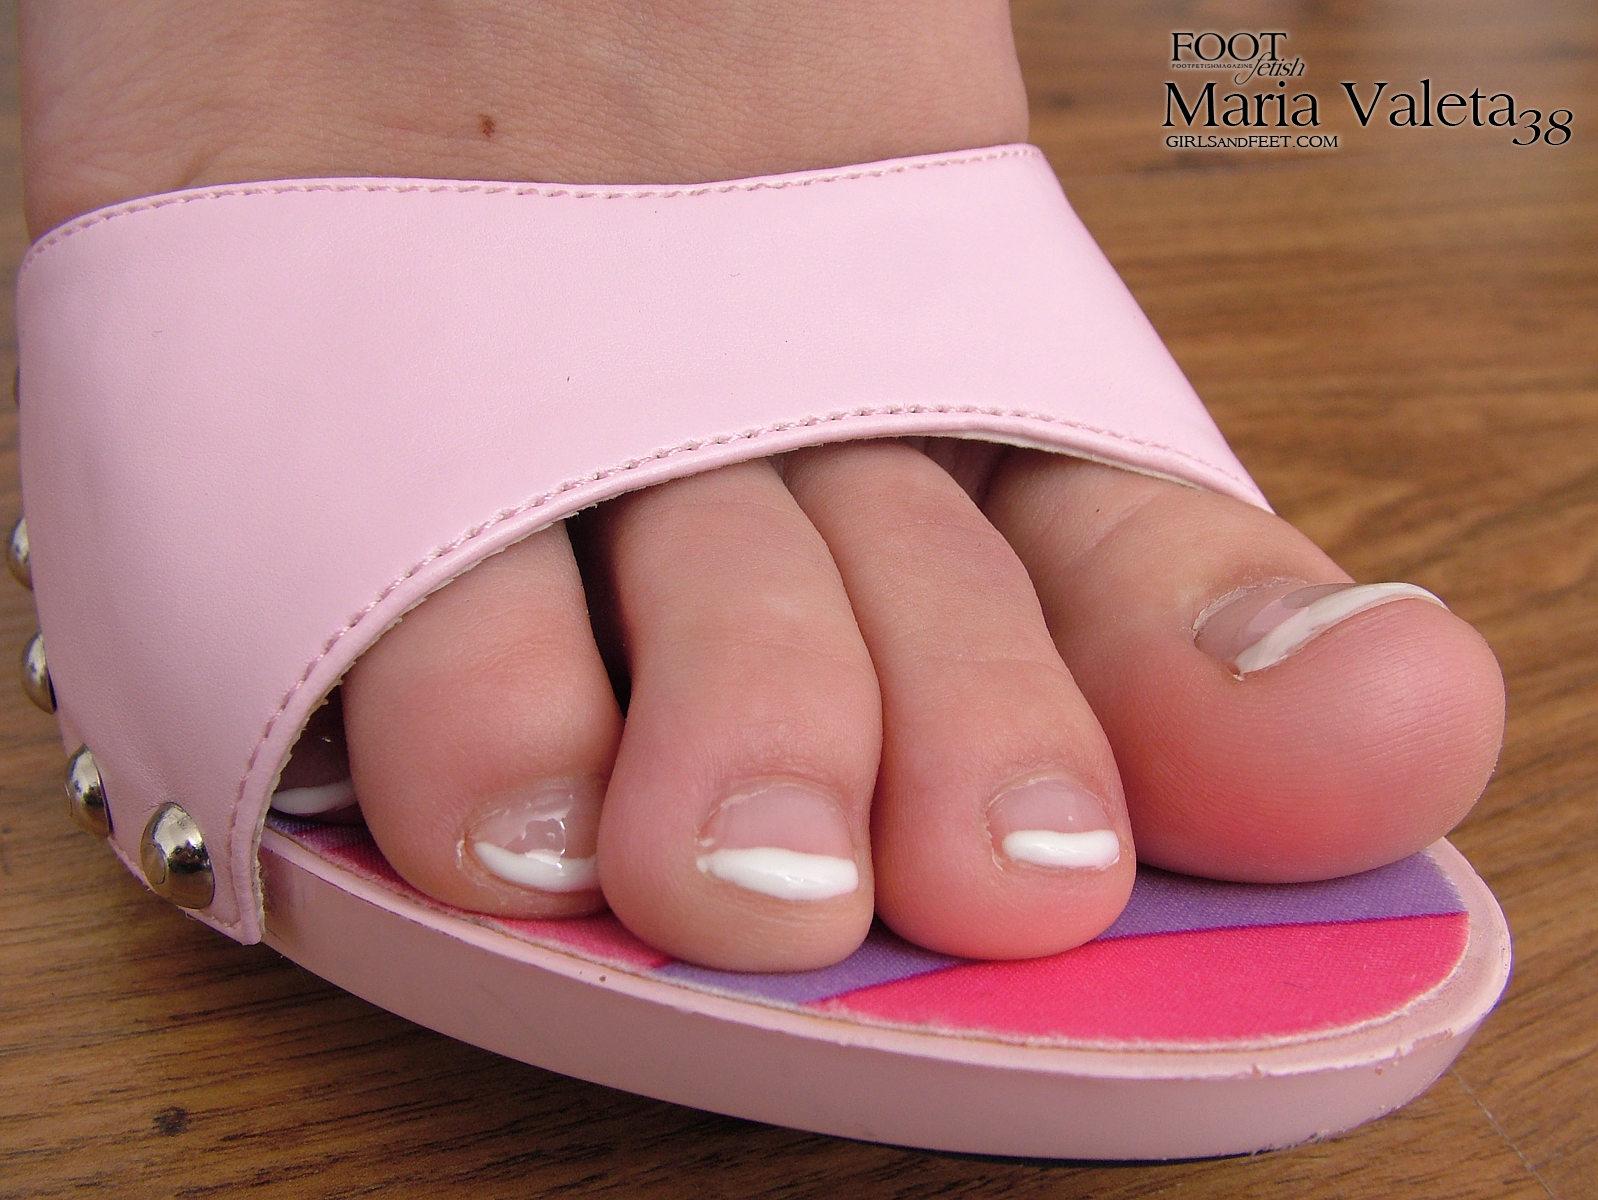 Смотреть фото женских пальчиков ног, Красивые ступни девушек это прекрасно (фото.) 26 фотография